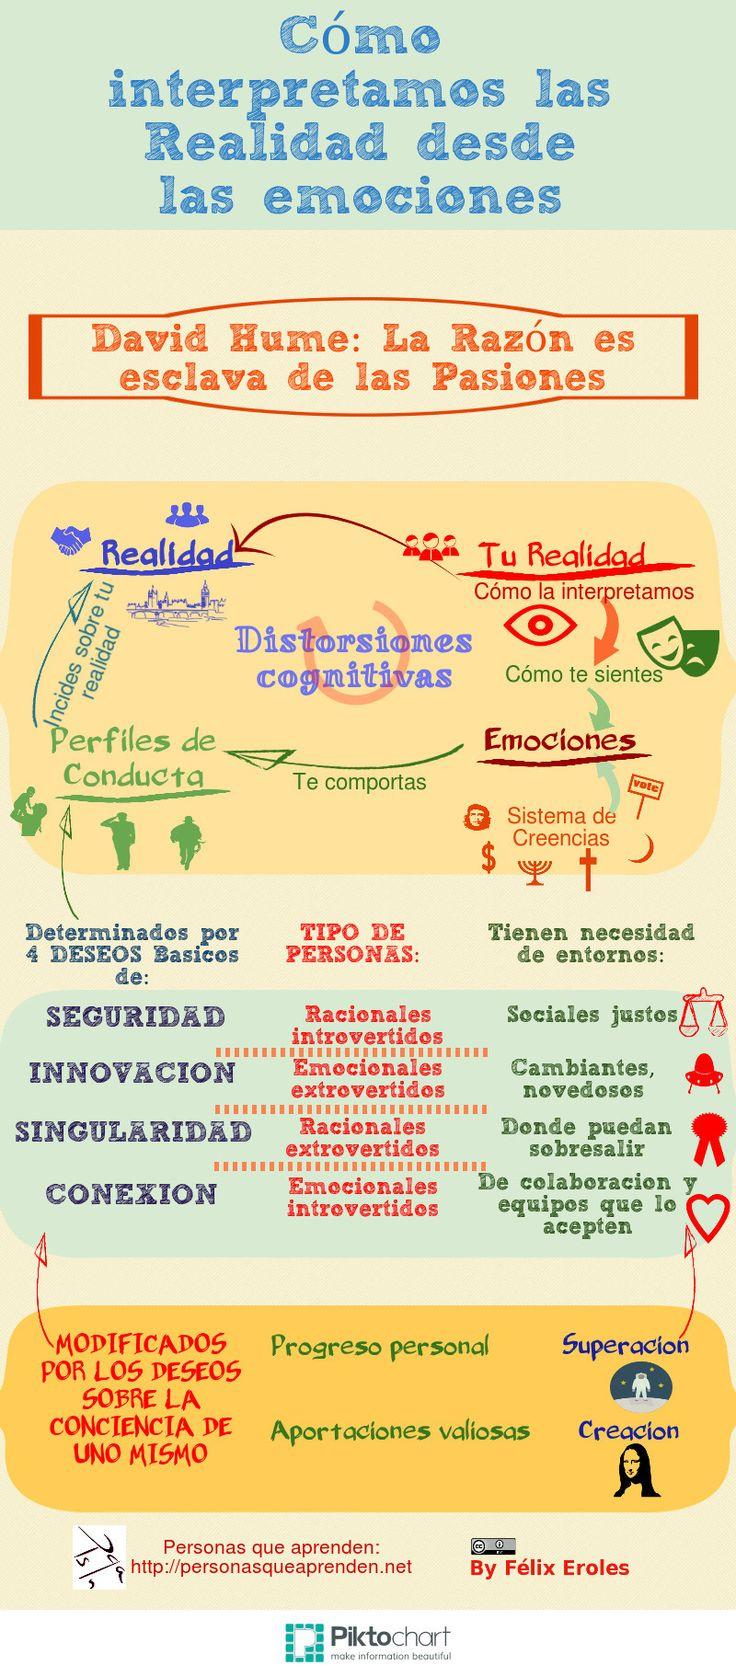 Cómo interpretamos la realidad desde las emociones #infografia #infographic #psychology